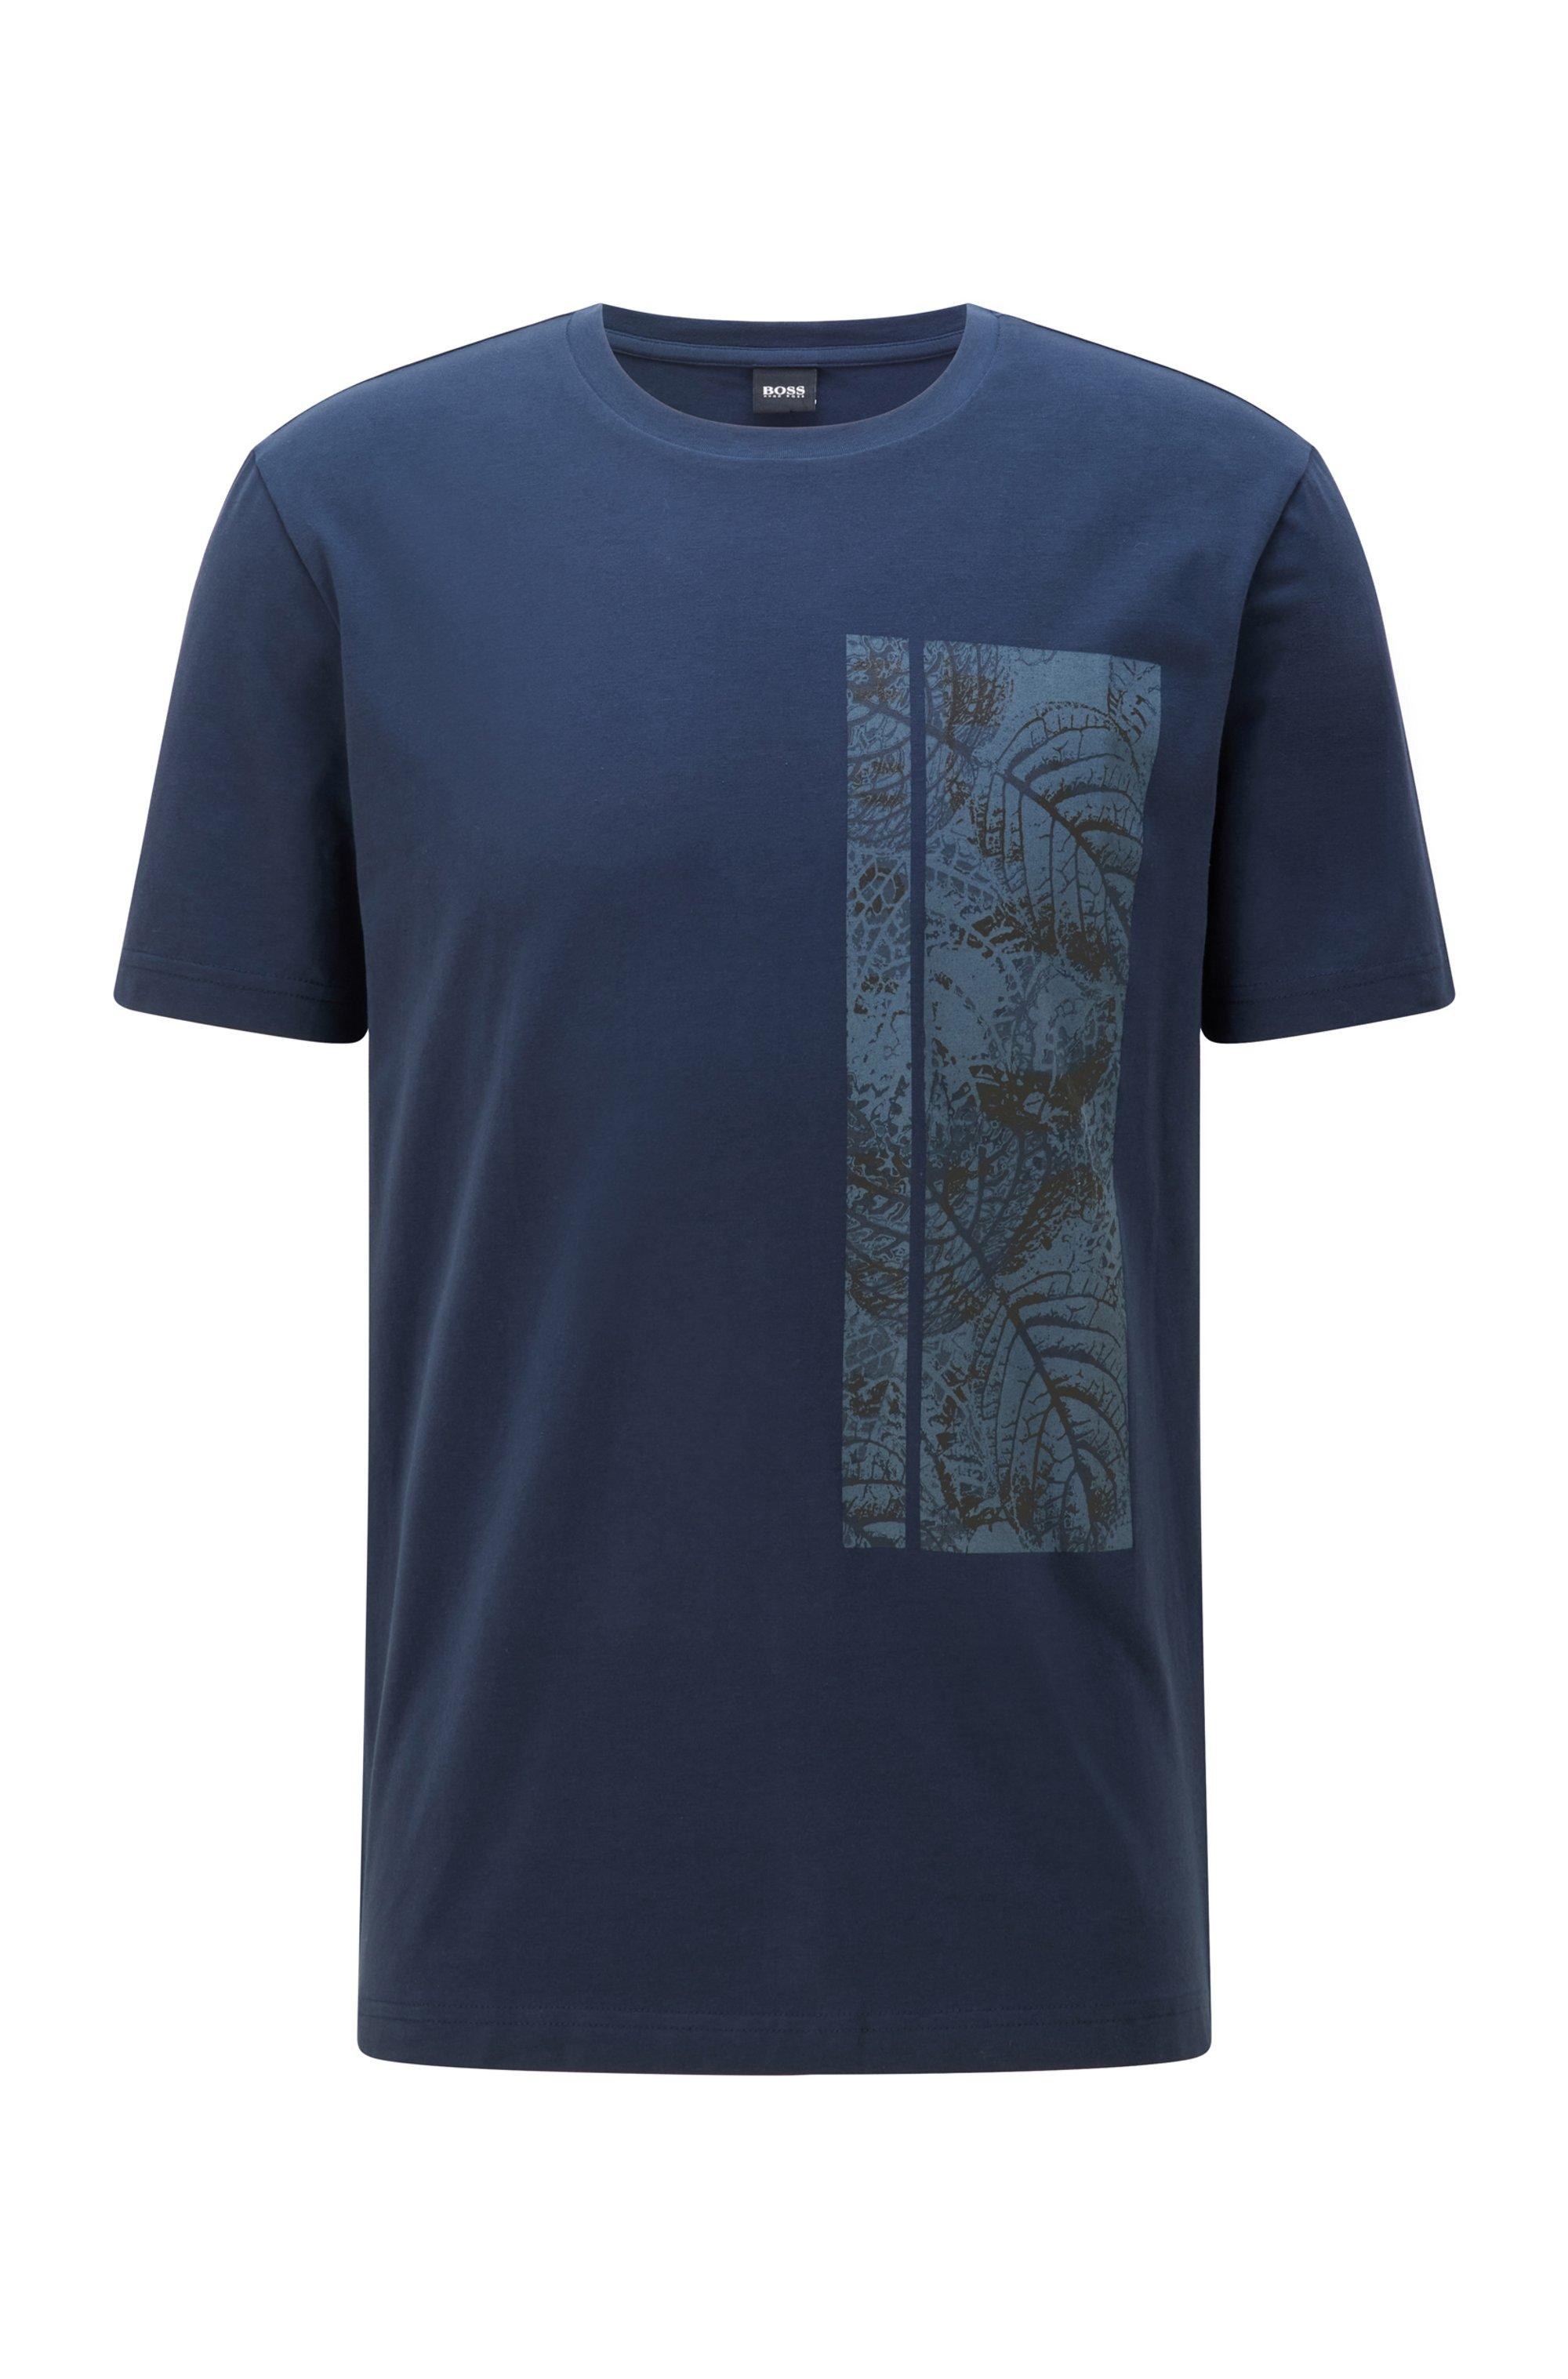 T-shirt in cotone elasticizzato con logo di ispirazione botanica, Blu scuro